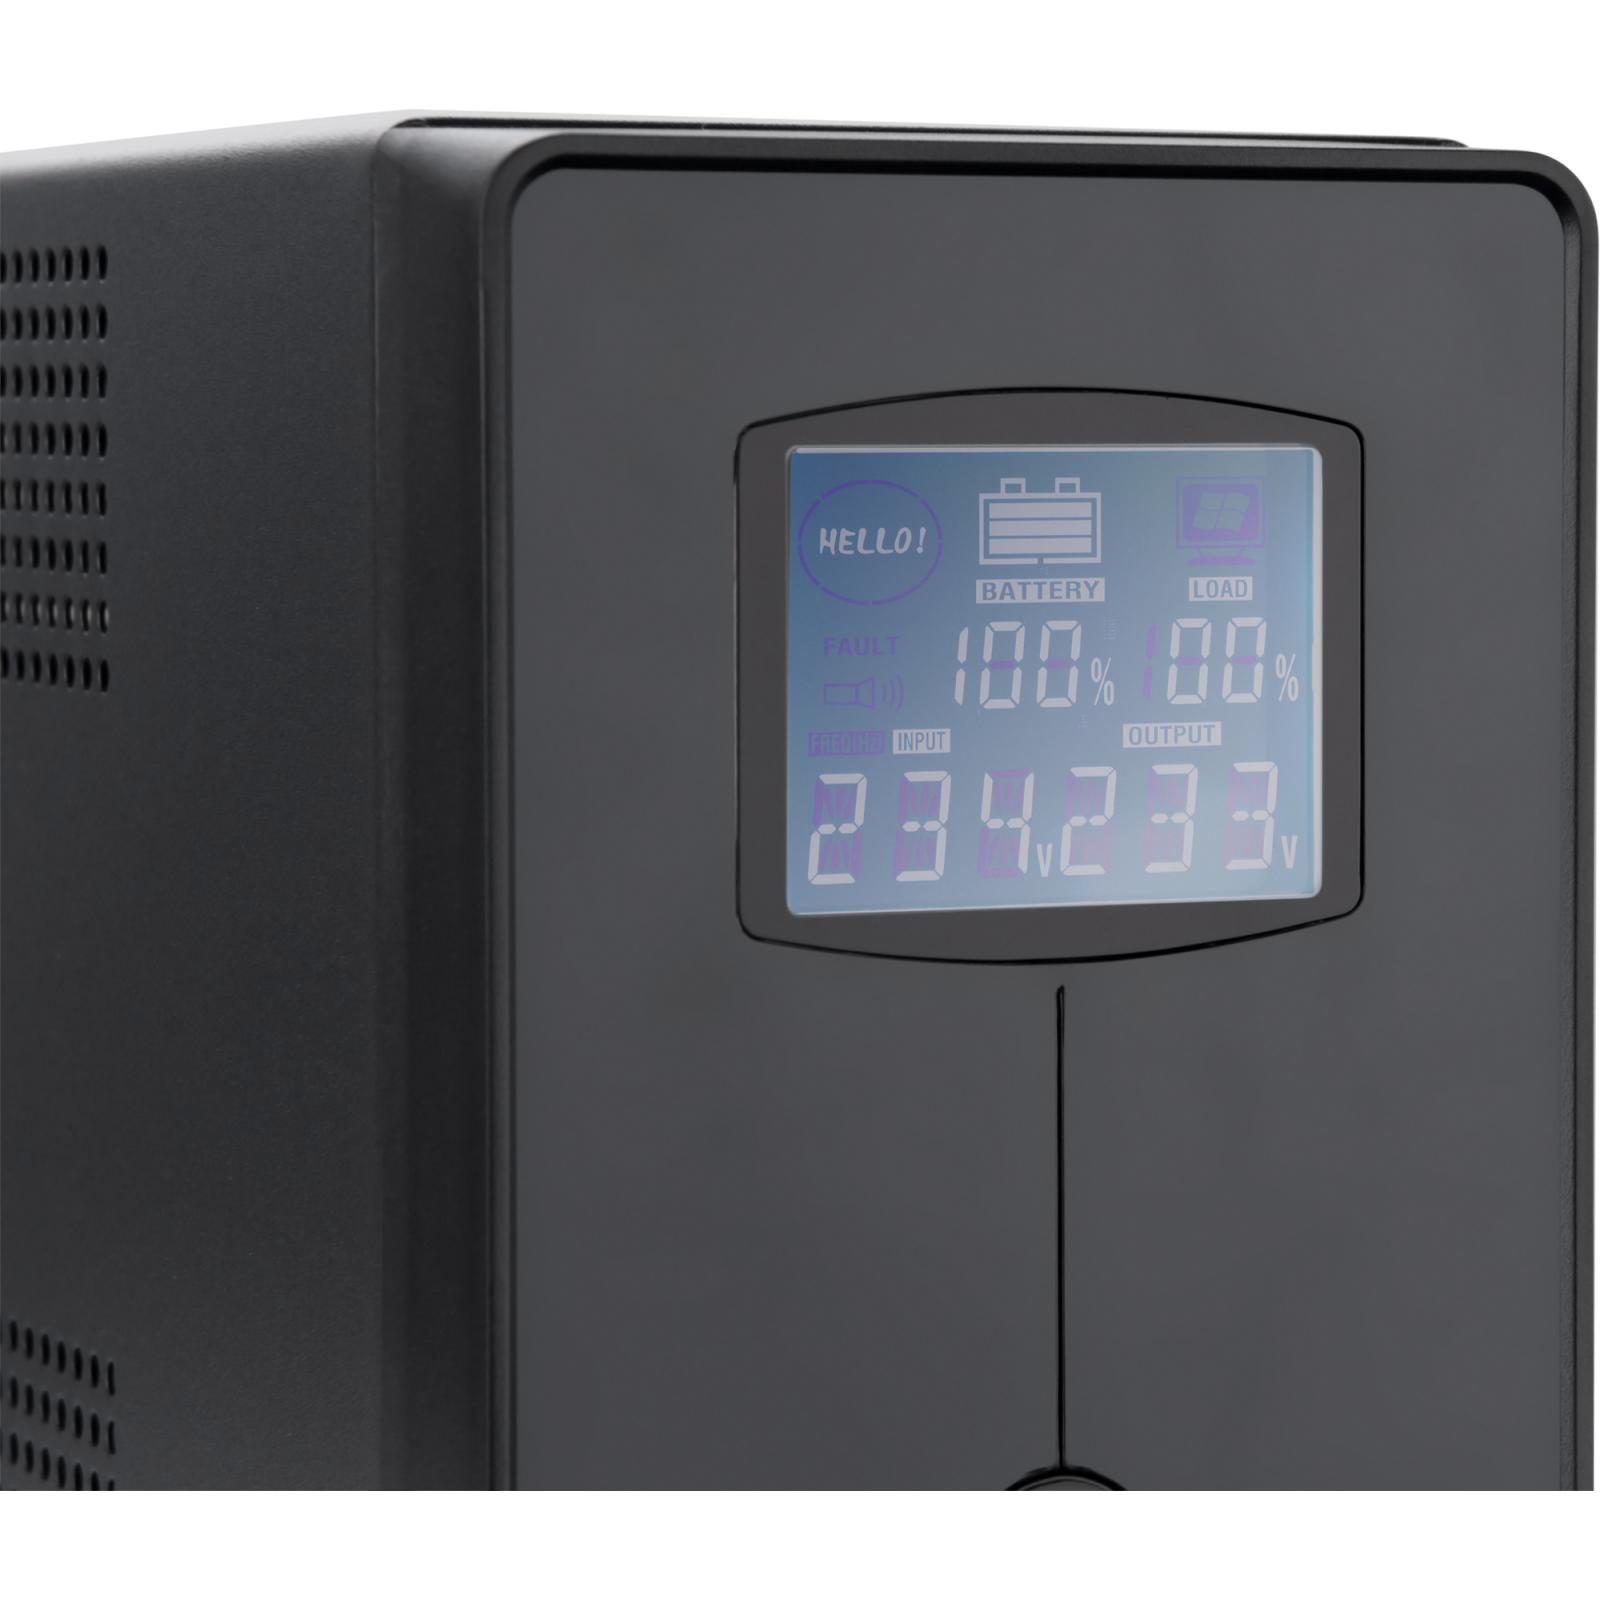 Источник бесперебойного питания Vinga LCD 2000VA metall case (VPC-2000M) изображение 6